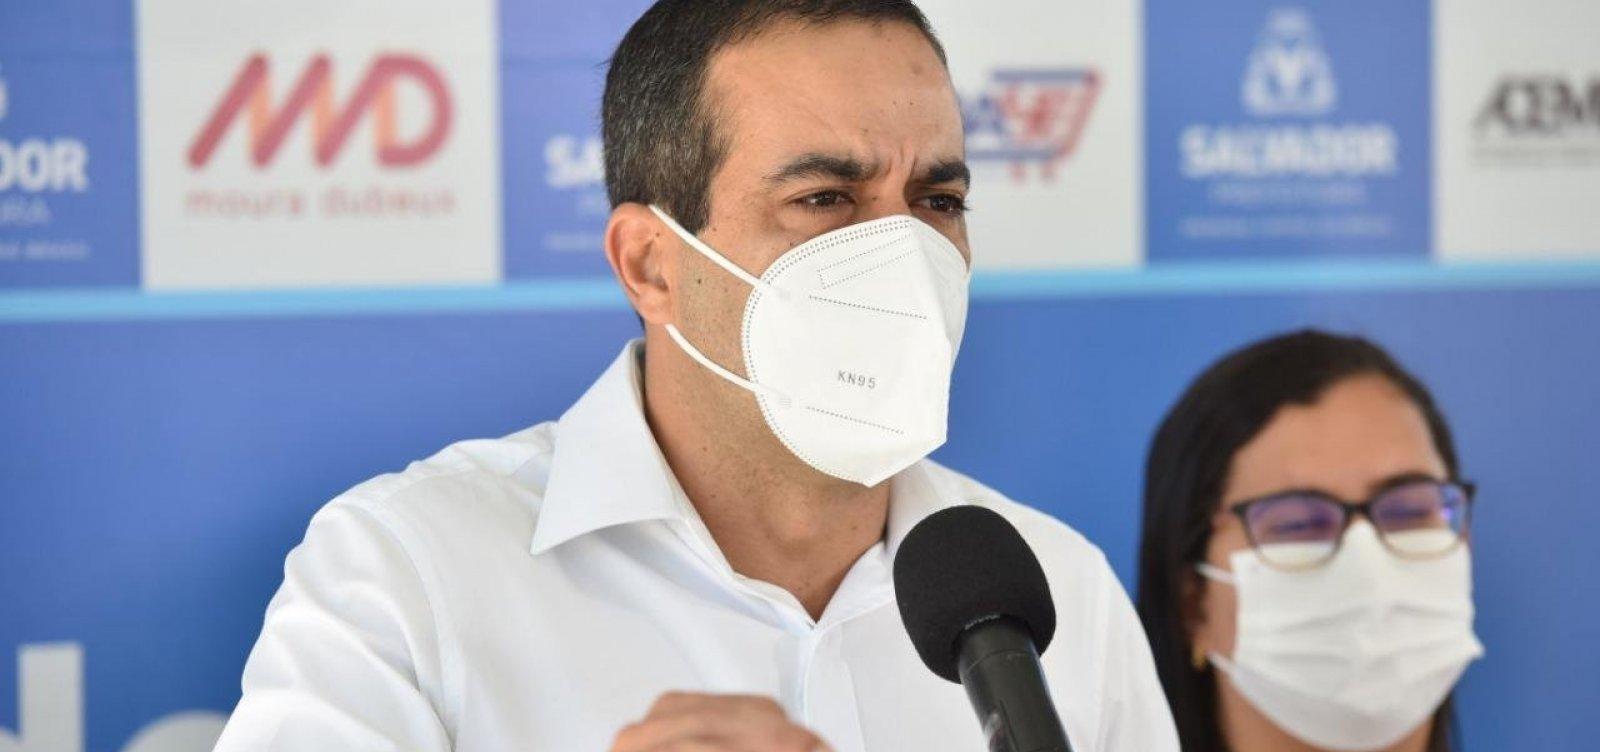 [Prefeitura inaugura hospital de campanha com 50 leitos para pacientes com Covid-19 em Itapuã]